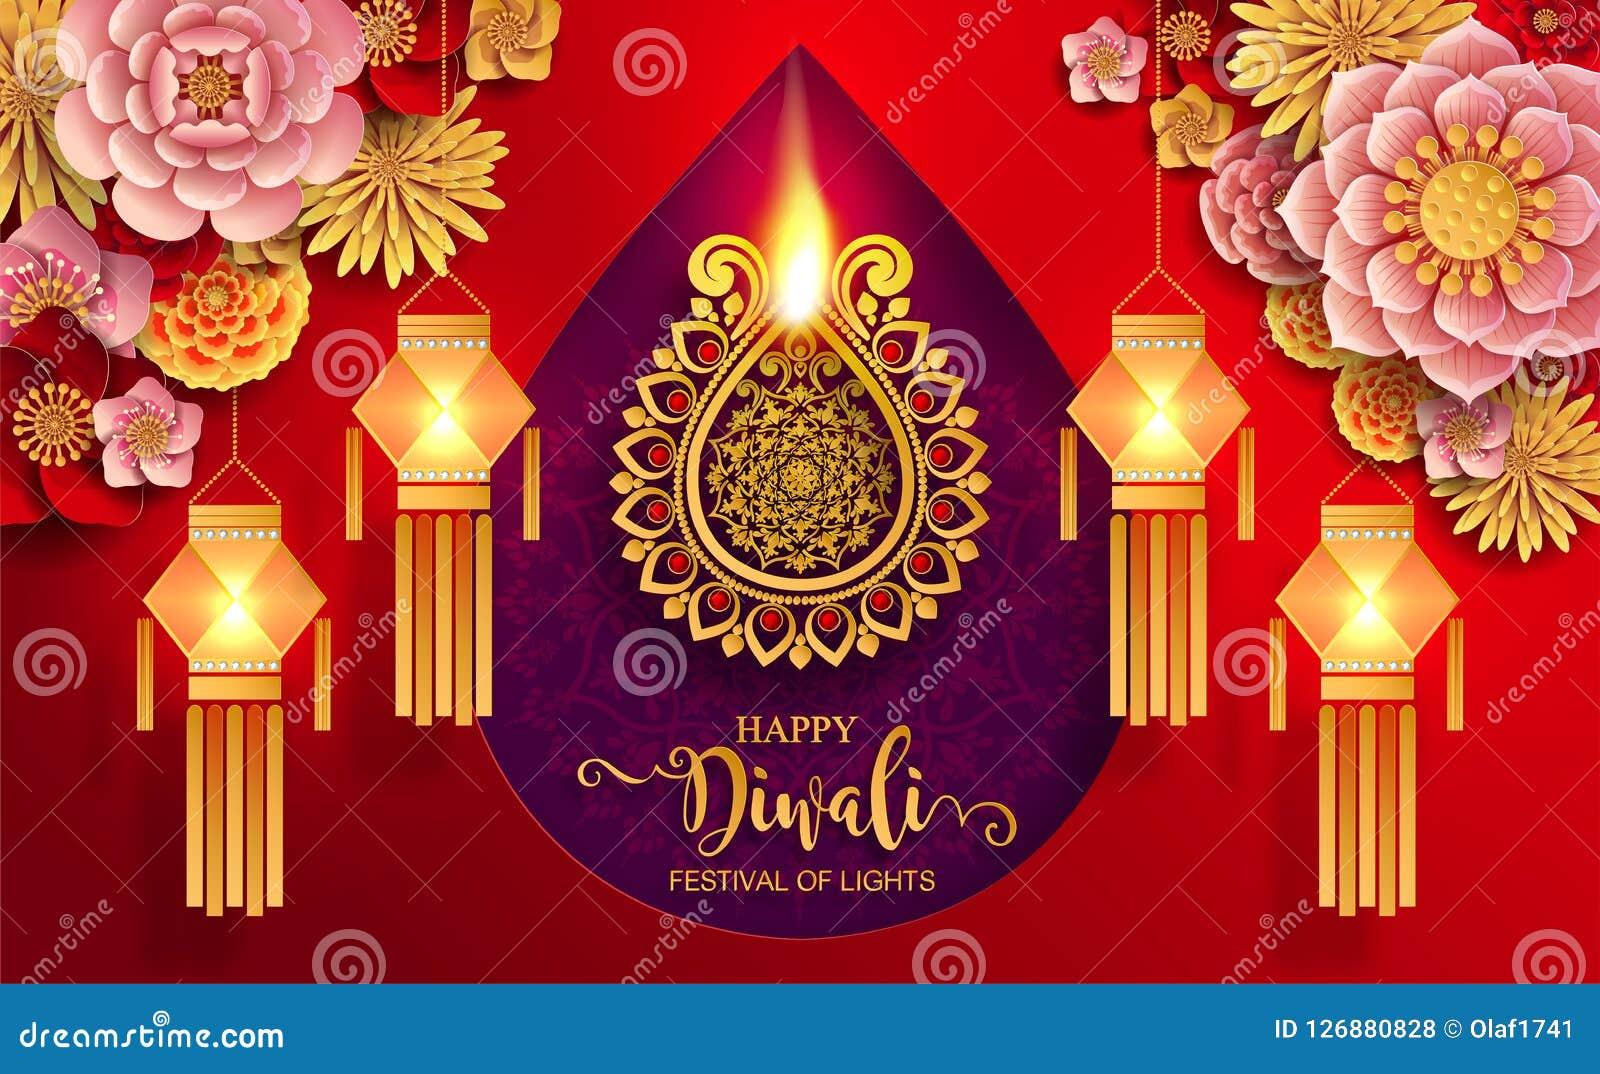 Happy Diwali festival card